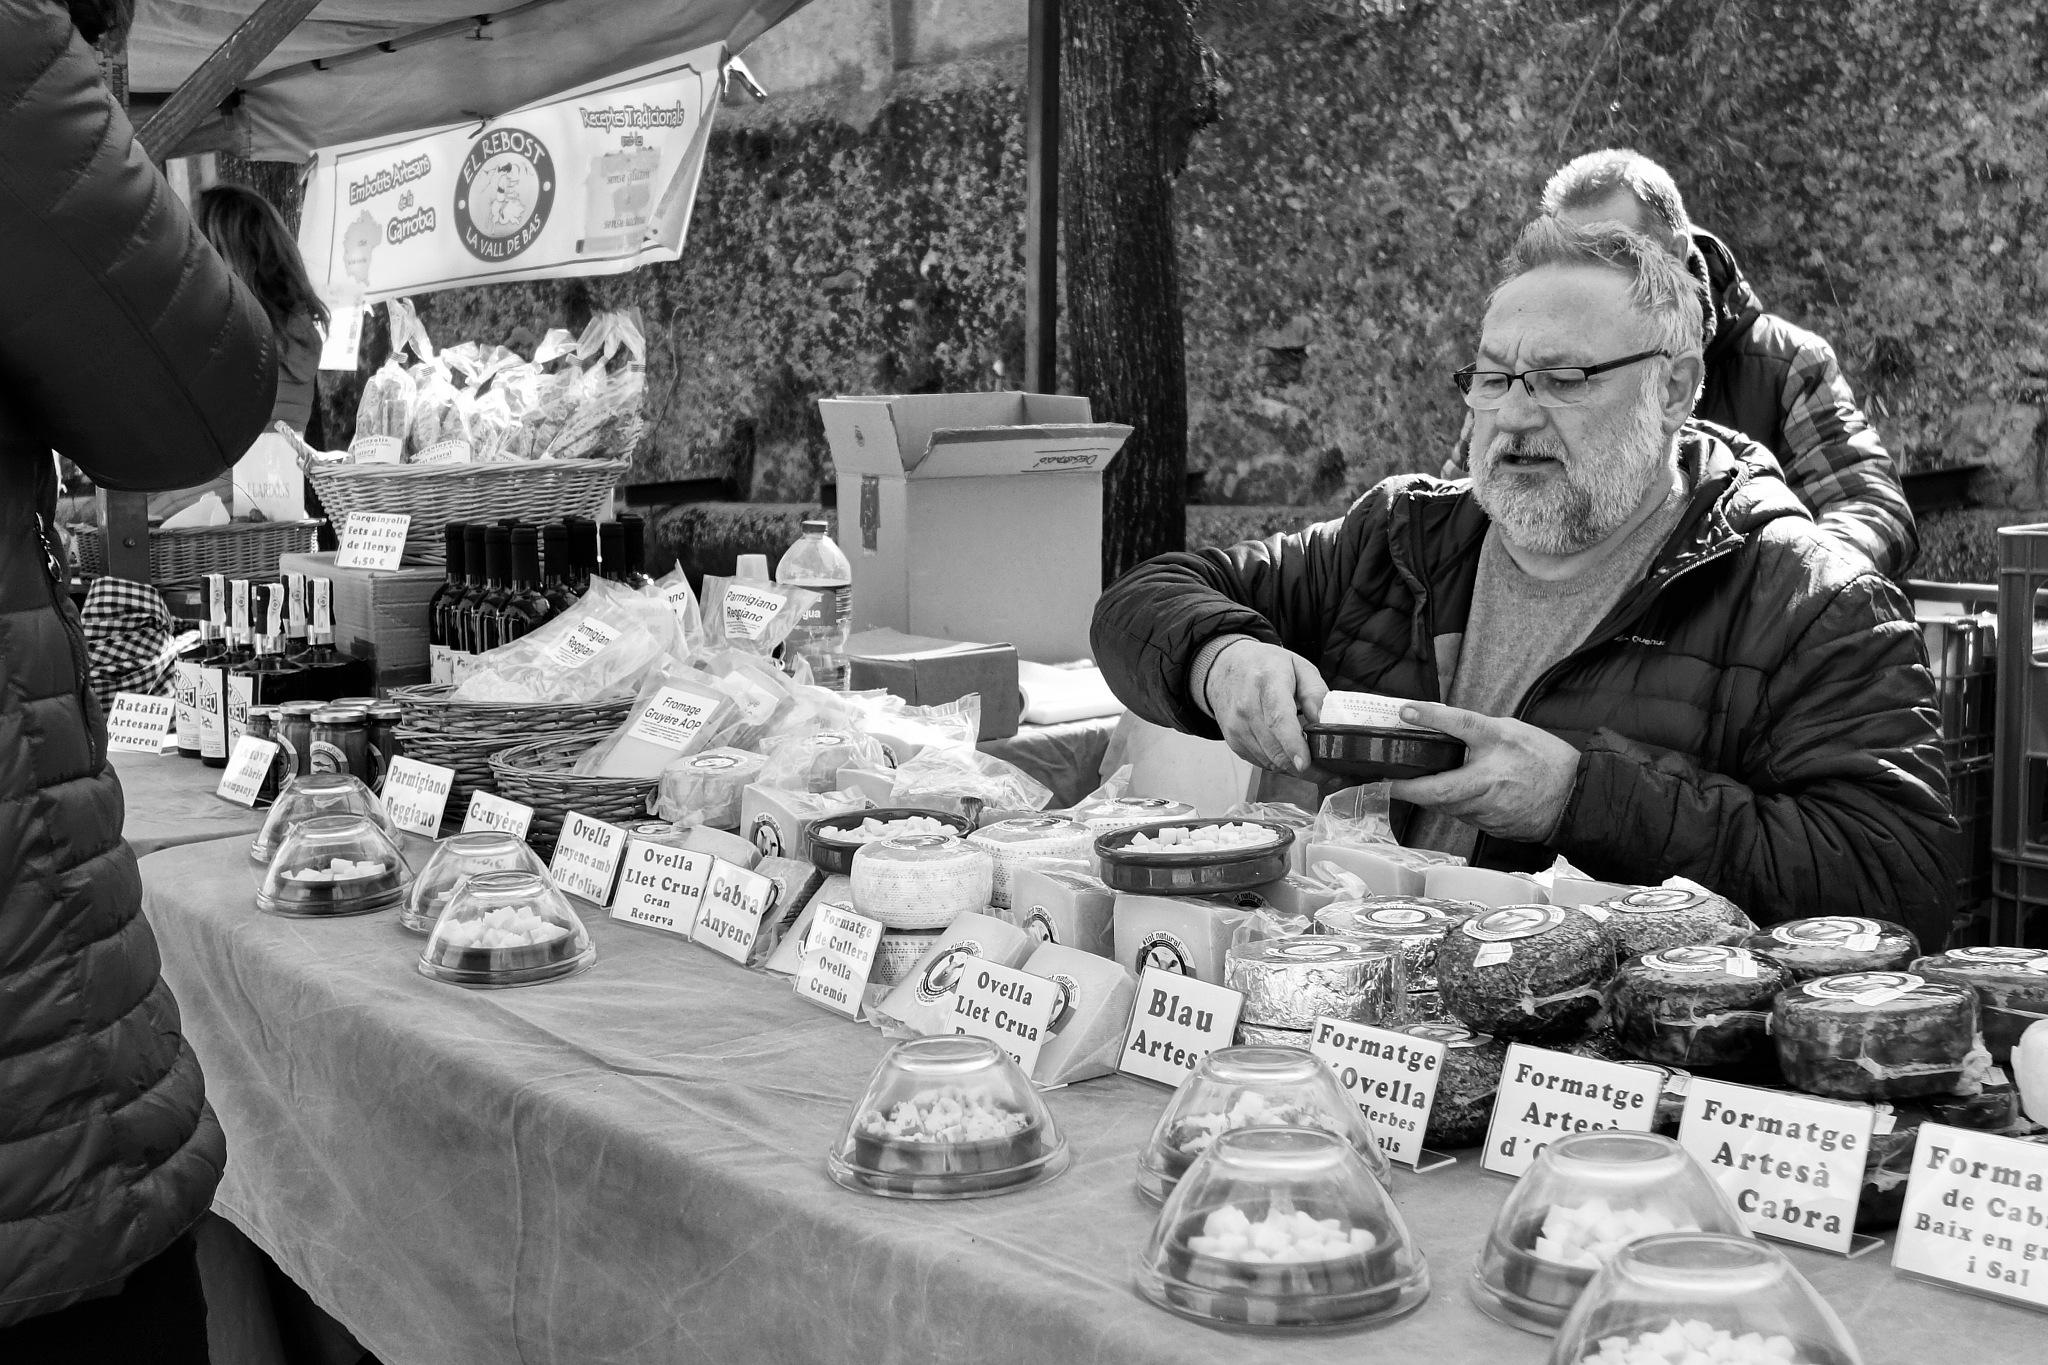 Va de formatges by El pare mira